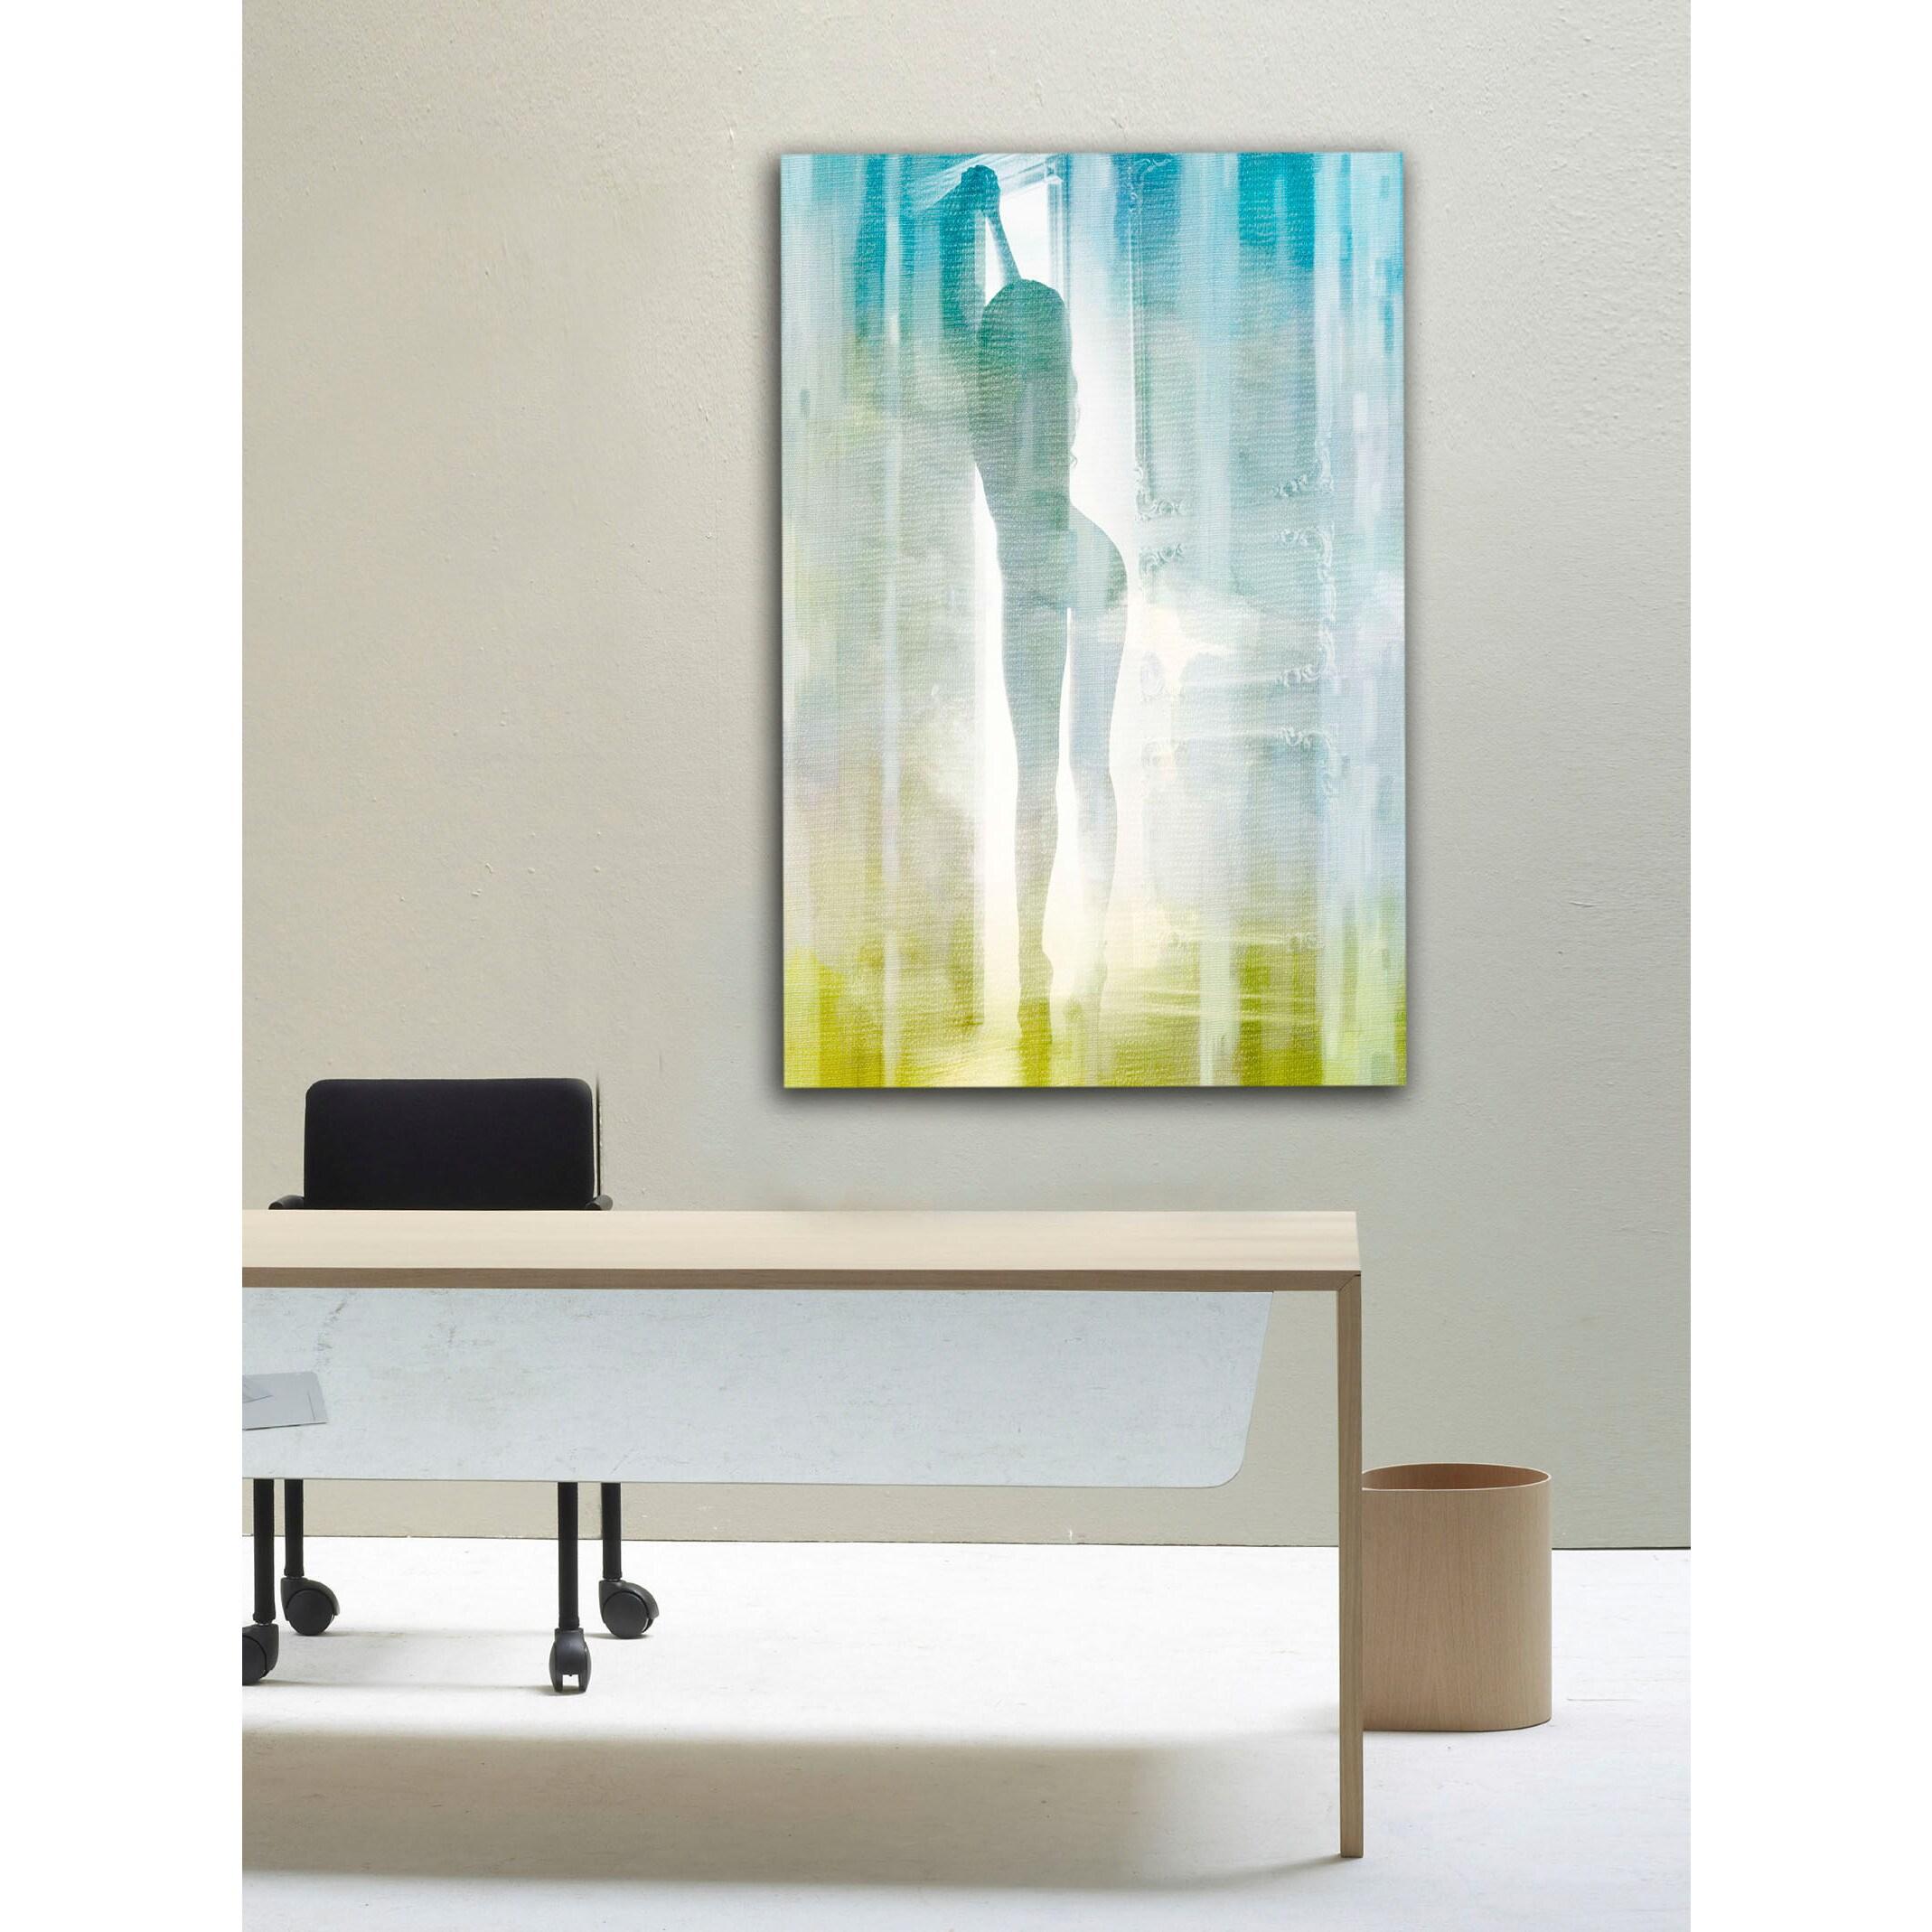 open door painting. \u0027Open Door\u0027 Painting Print On Wrapped Canvas - Blue Free Shipping Today  Overstock.com 23493438 Open Door Painting